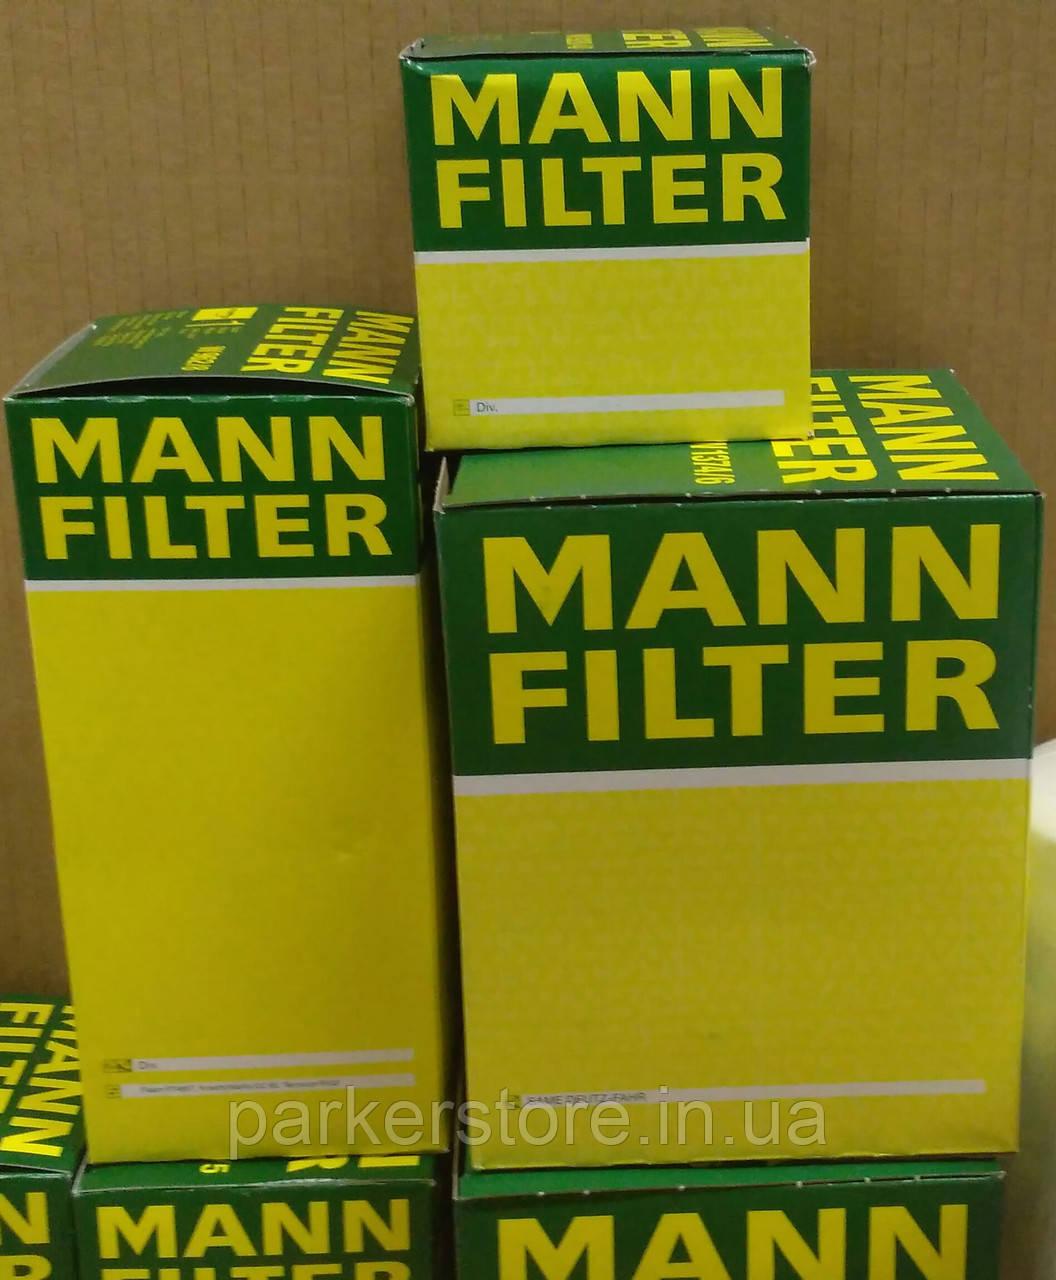 MANN FILTER / Воздушный фильтр / C 31 145 / C31145